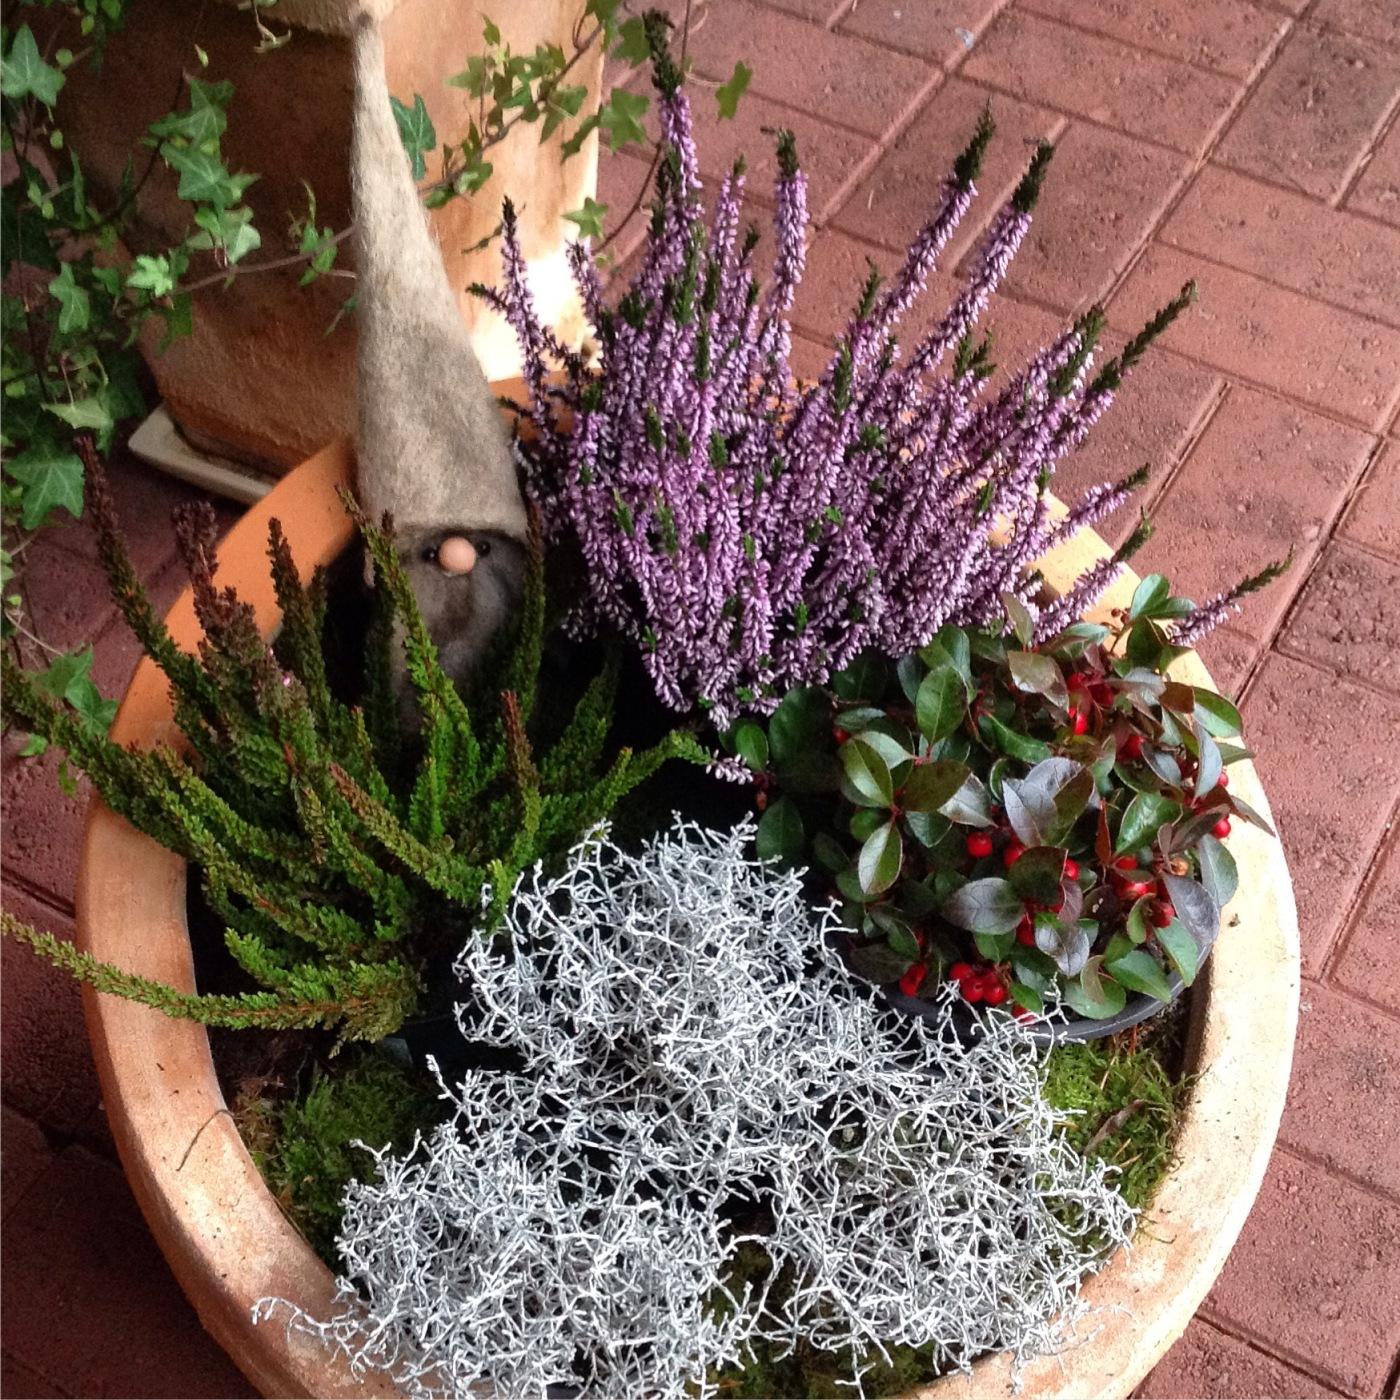 Talvinen kukka-asetelma ulkoruukussa sisältää kolmea erilaista kanervaa ja hopealankaa. Tonttu kurkkaa seasta.